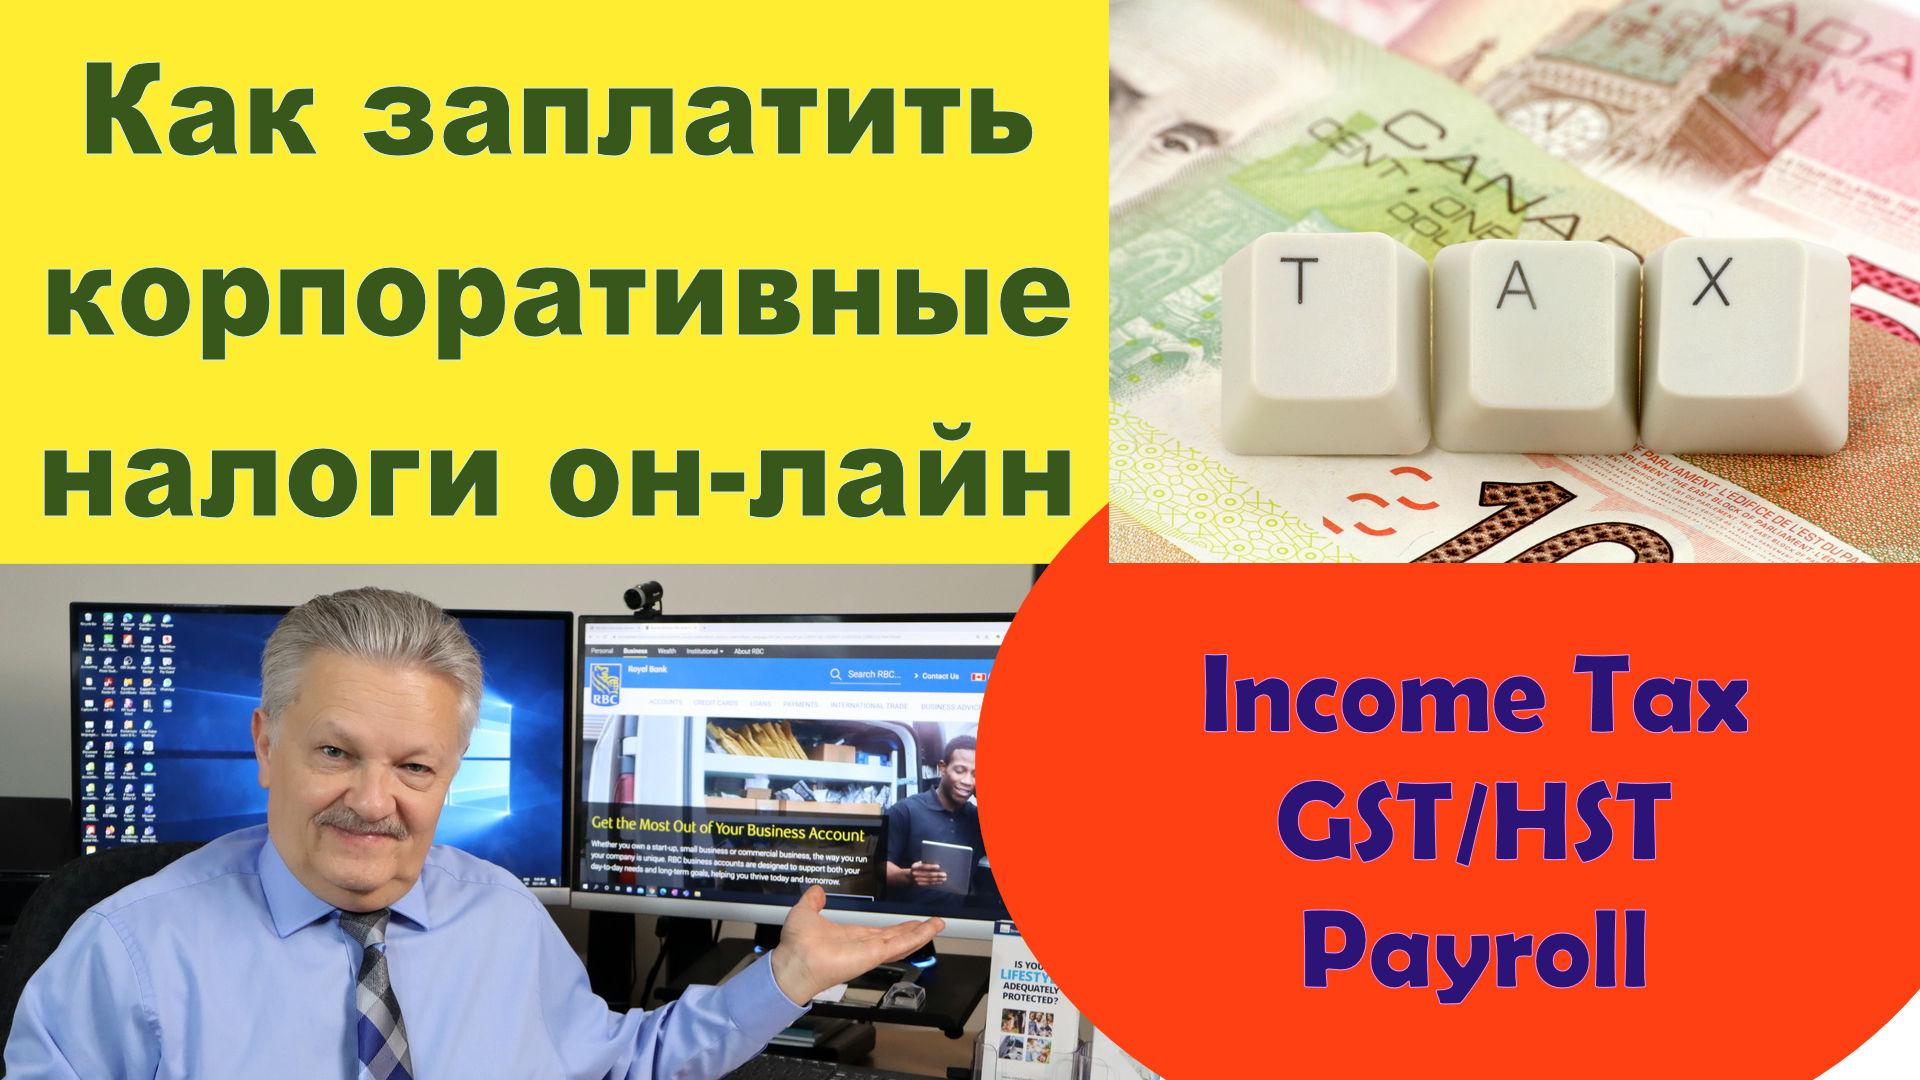 Как заплатить корпоративные налоги он-лайн